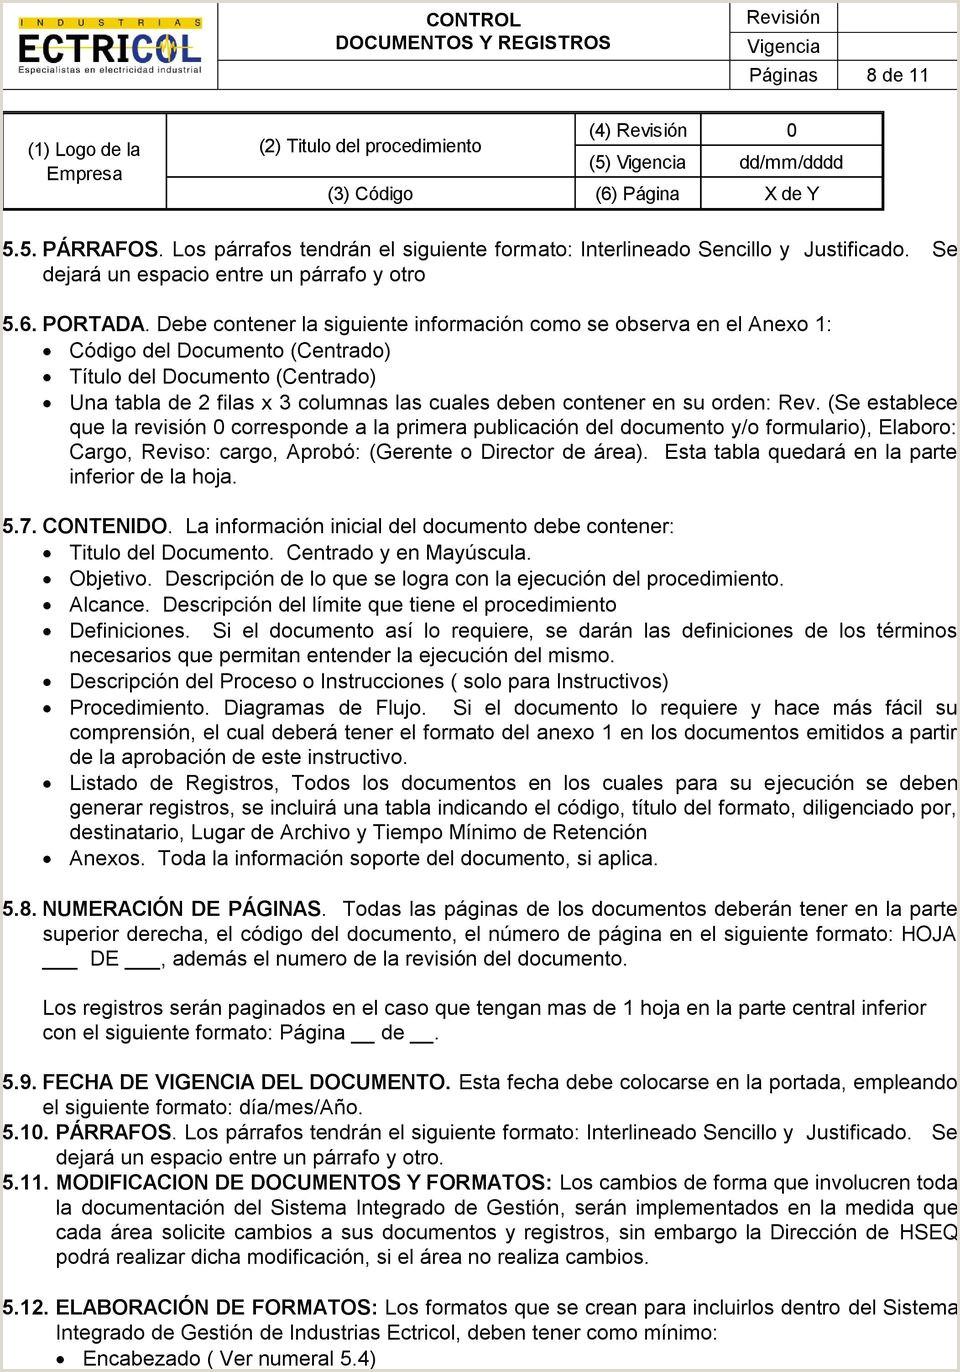 CONTROL DE DOCUMENTOS Y REGISTROS PDF